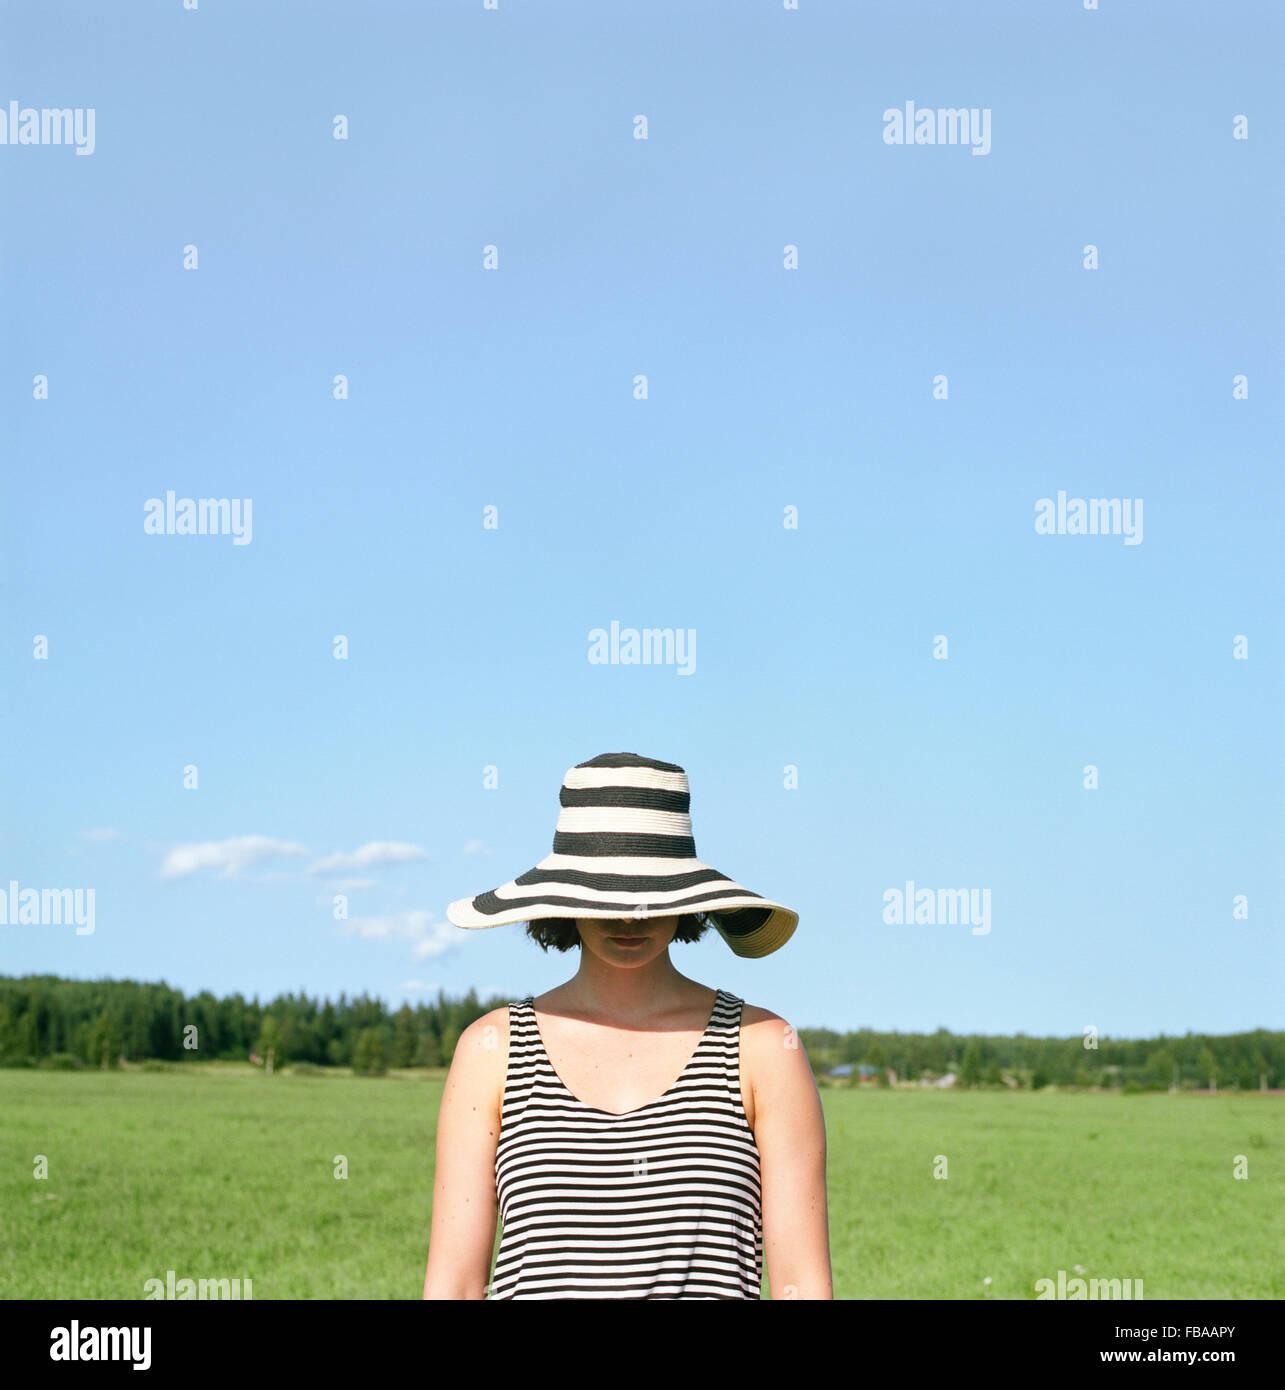 Finlandia, Uusimaa, Lapinjarvi, mujer vistiendo sombrero que cubre su rostro Imagen De Stock